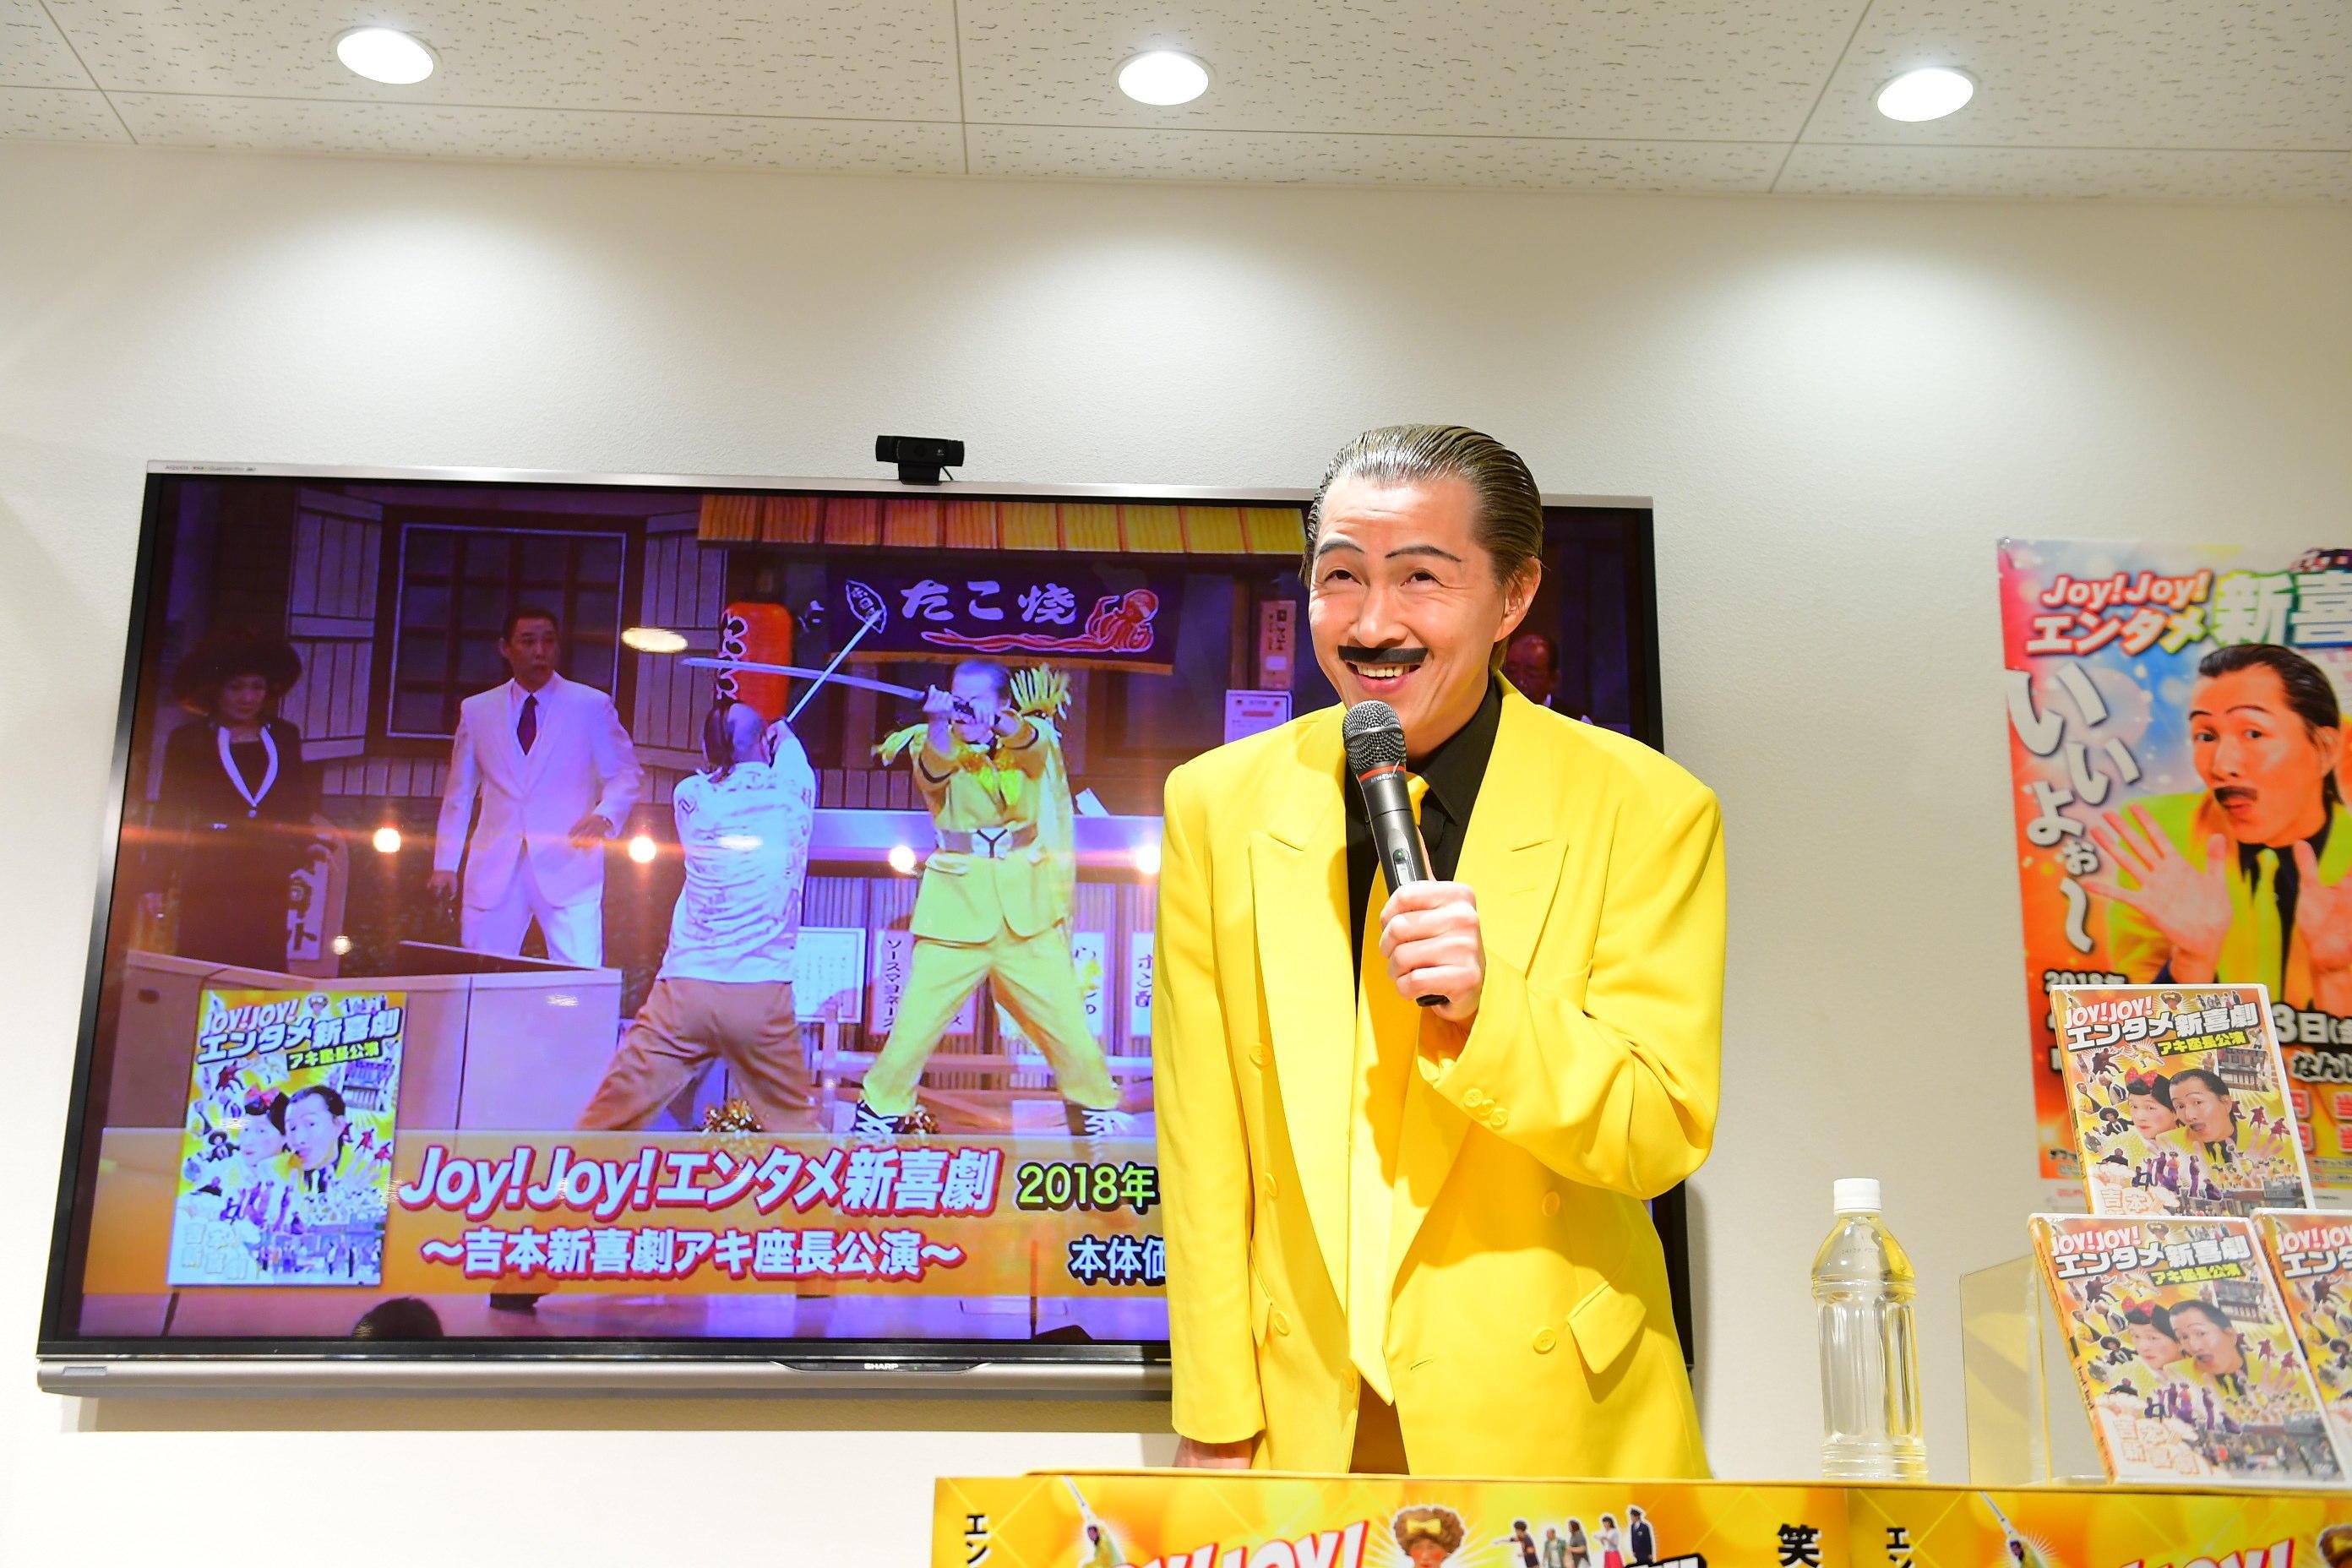 http://news.yoshimoto.co.jp/20180131215048-cab995ce295eb87c8a15043c3427f3a97809e7f4.jpg